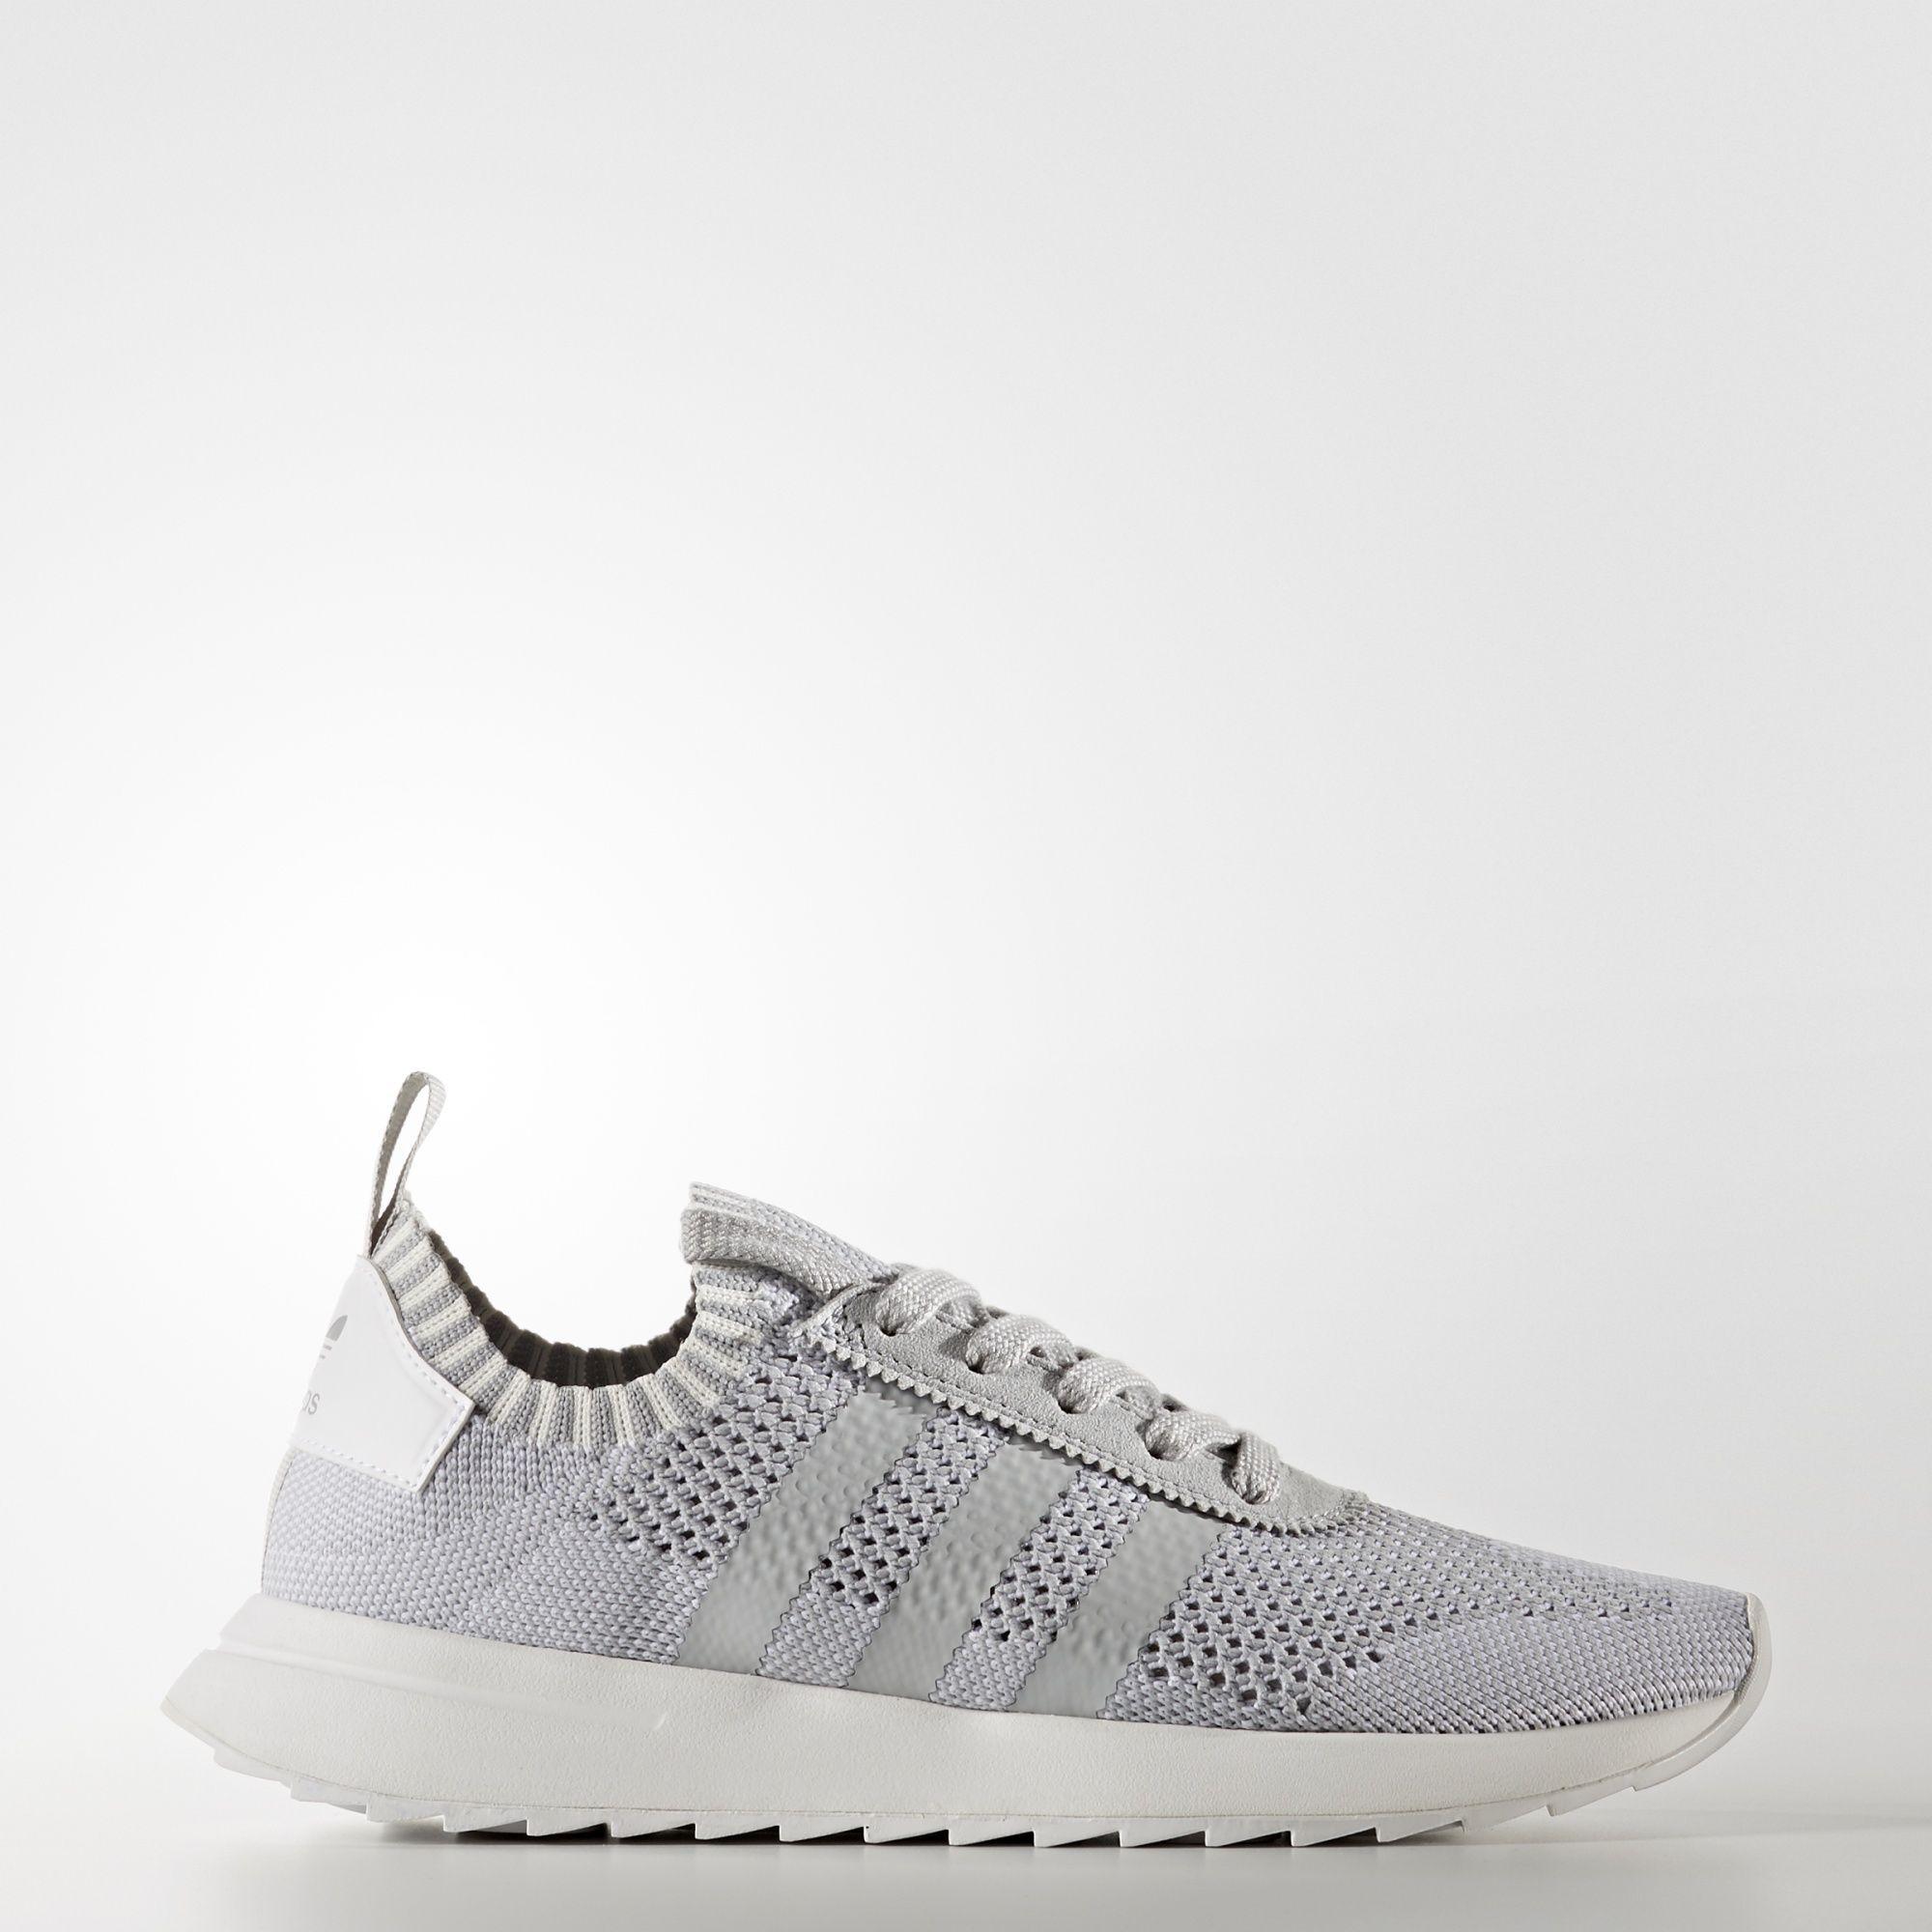 adidas Primeknit FLB Schuh | Schuhe frauen, Schuhe und